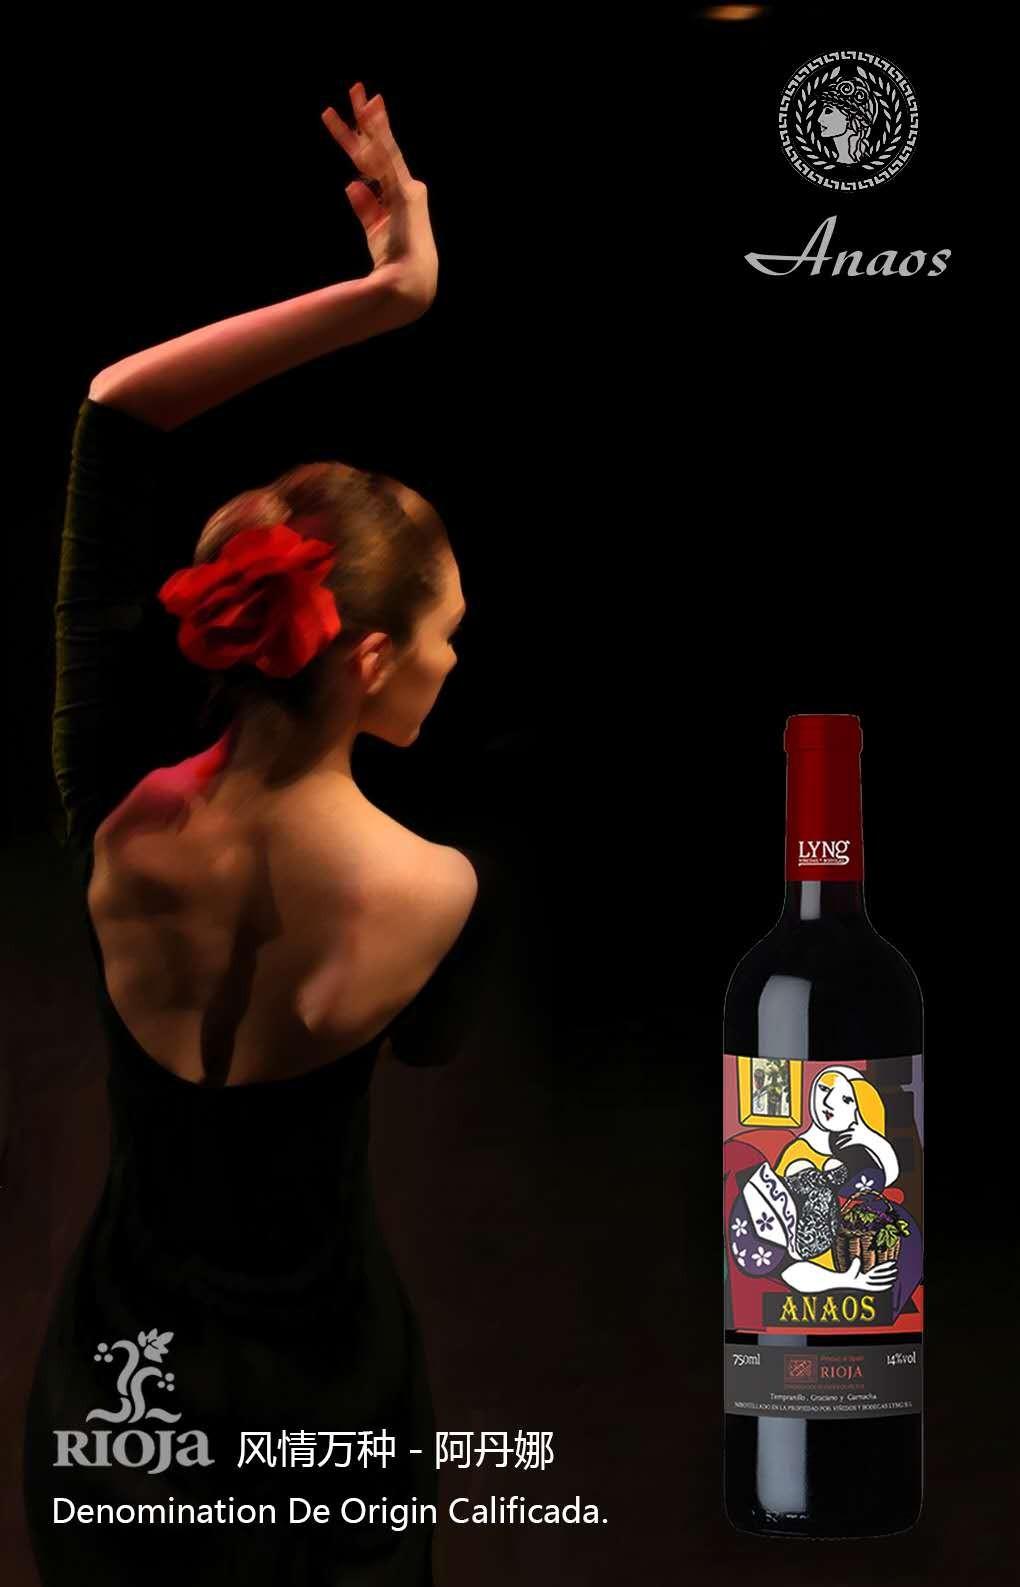 西班牙名画名酒--阿丹娜,风情万种最风流!